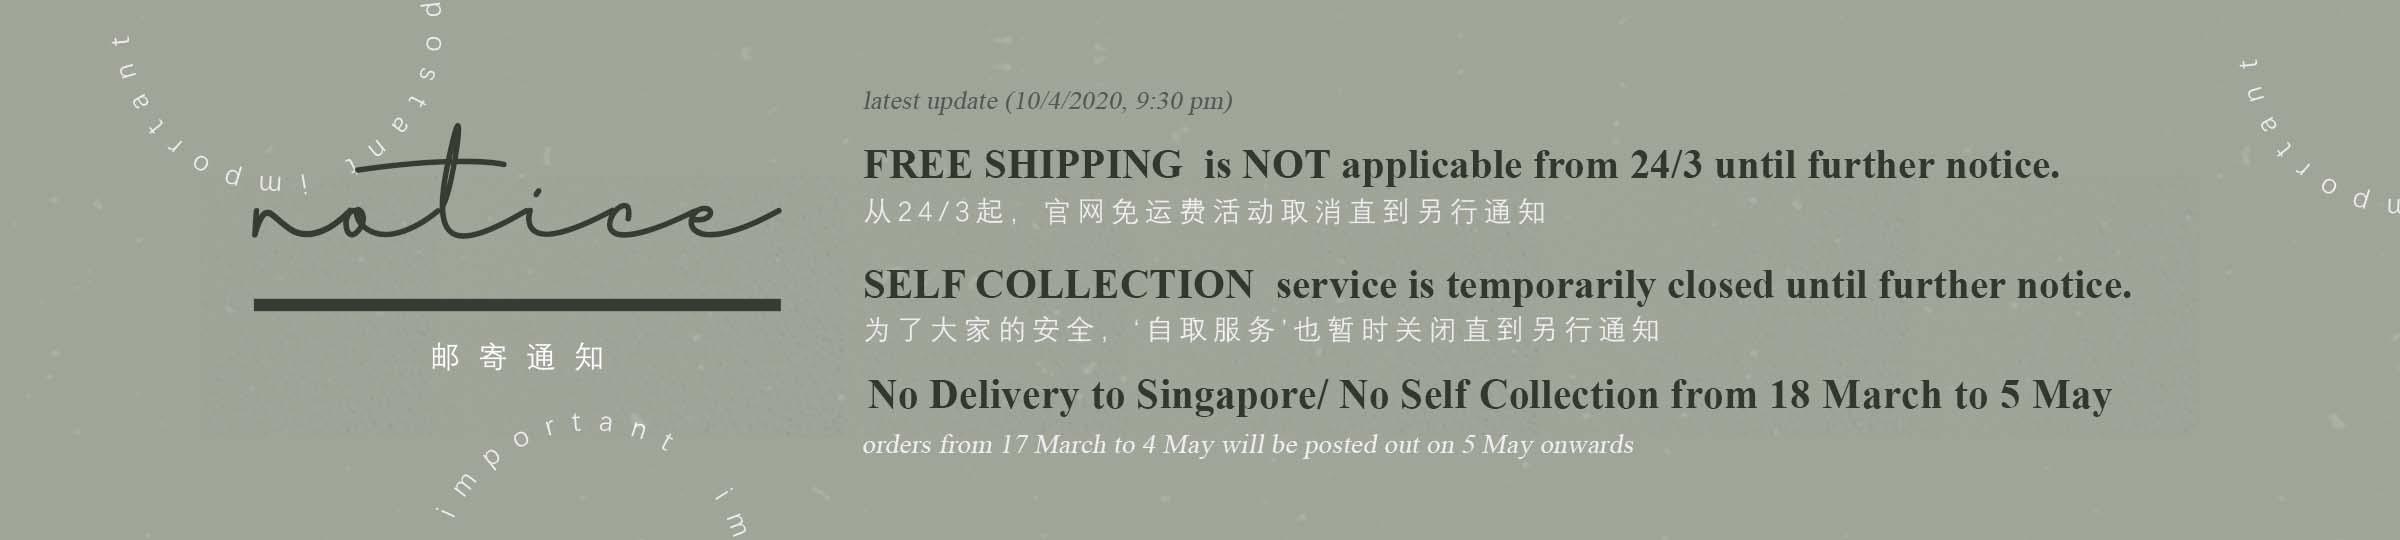 No Delivery Notice-2d.jpg